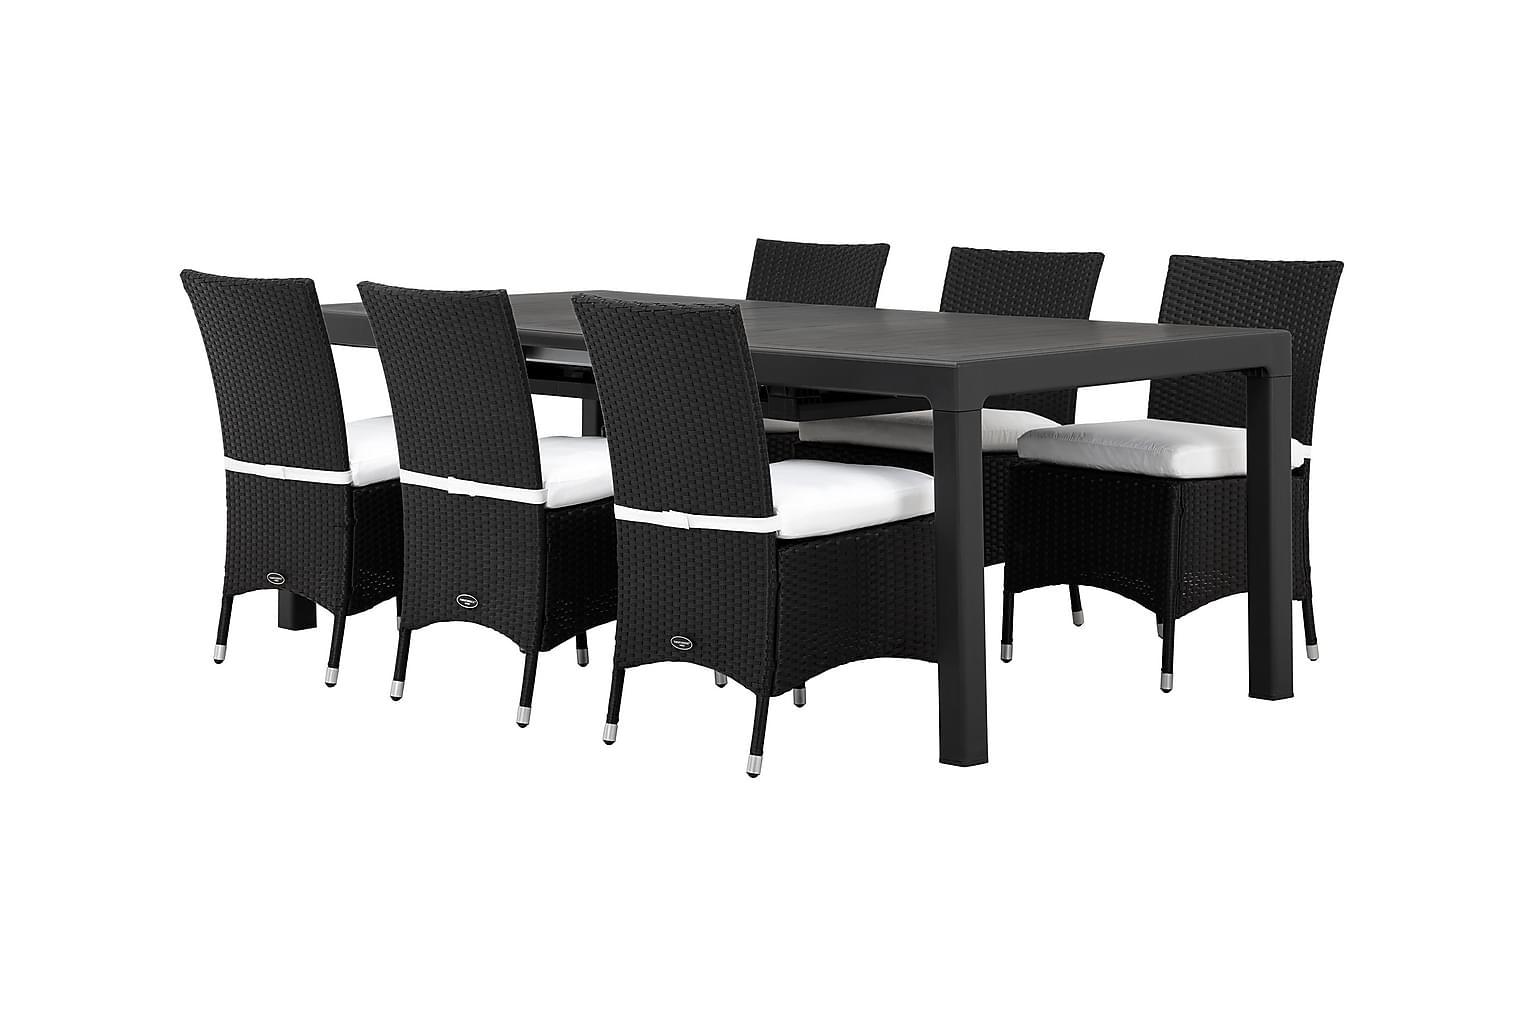 CAYMAN Pöytä 162 Musta + 6 ARUBA Tuolia Musta/Valkoinen